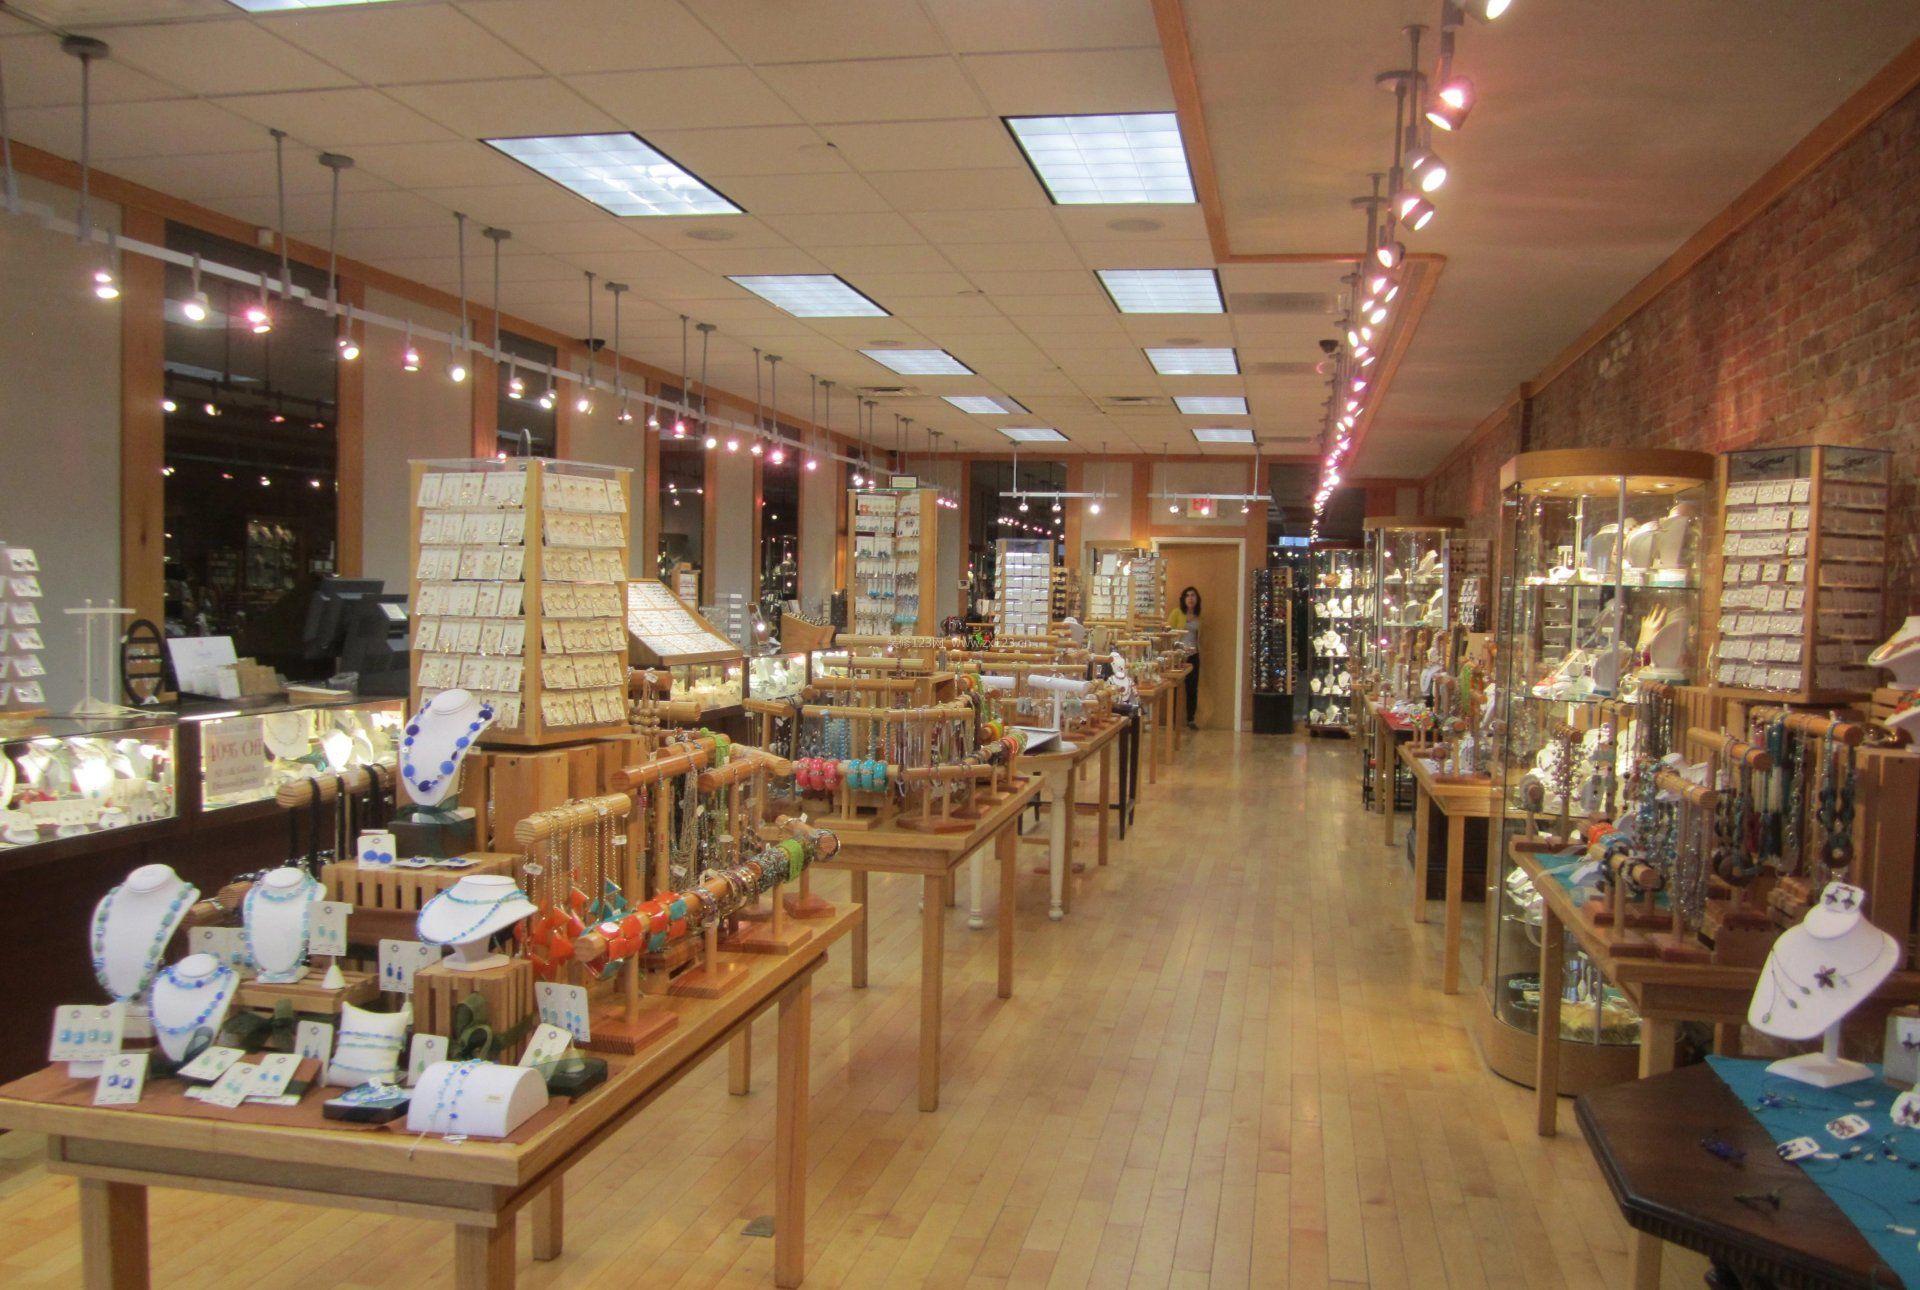 小饰品店原木地板装修效果图片